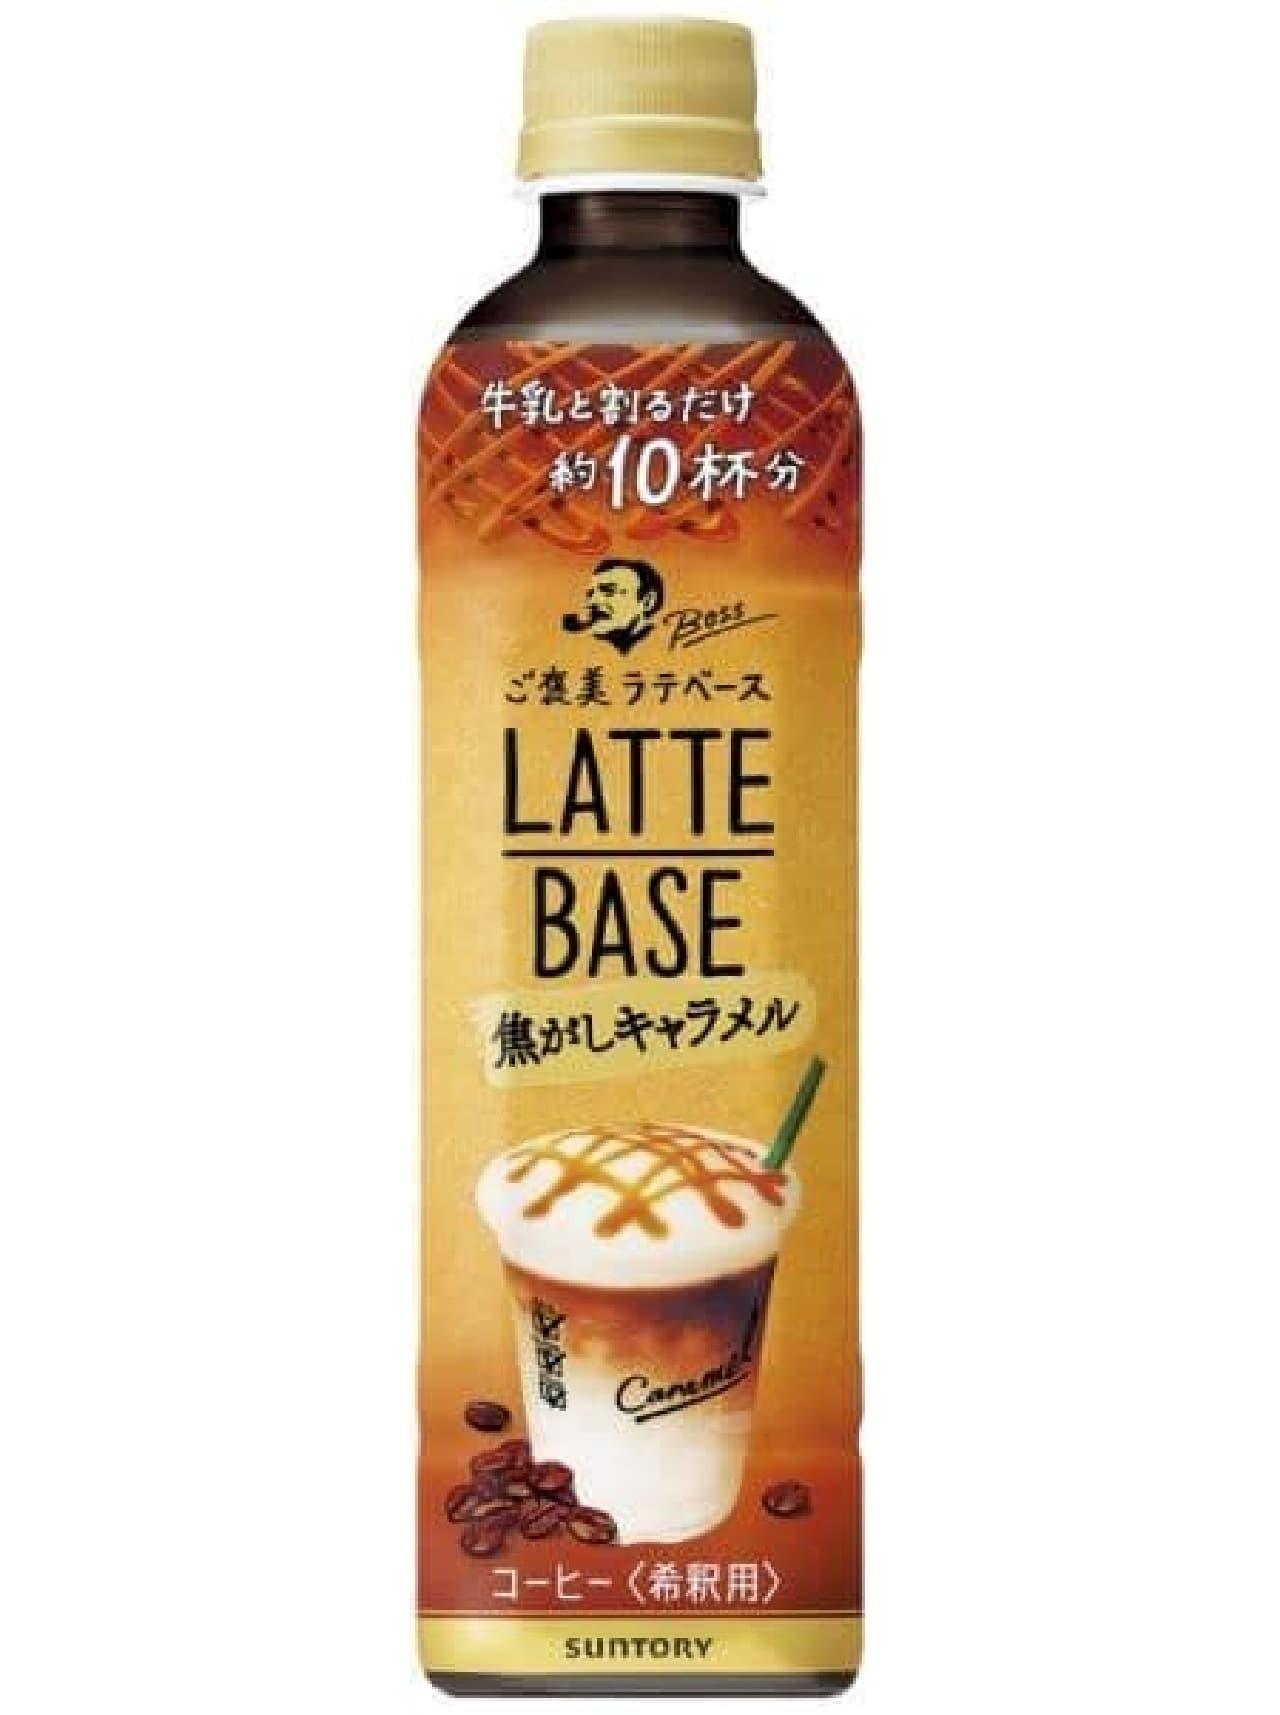 「ボス ラテベース 焦がしキャラメル」は牛乳で割るだけでまるでお店のような贅沢な味わいのカフェラテが作れる濃縮タイプのコーヒー